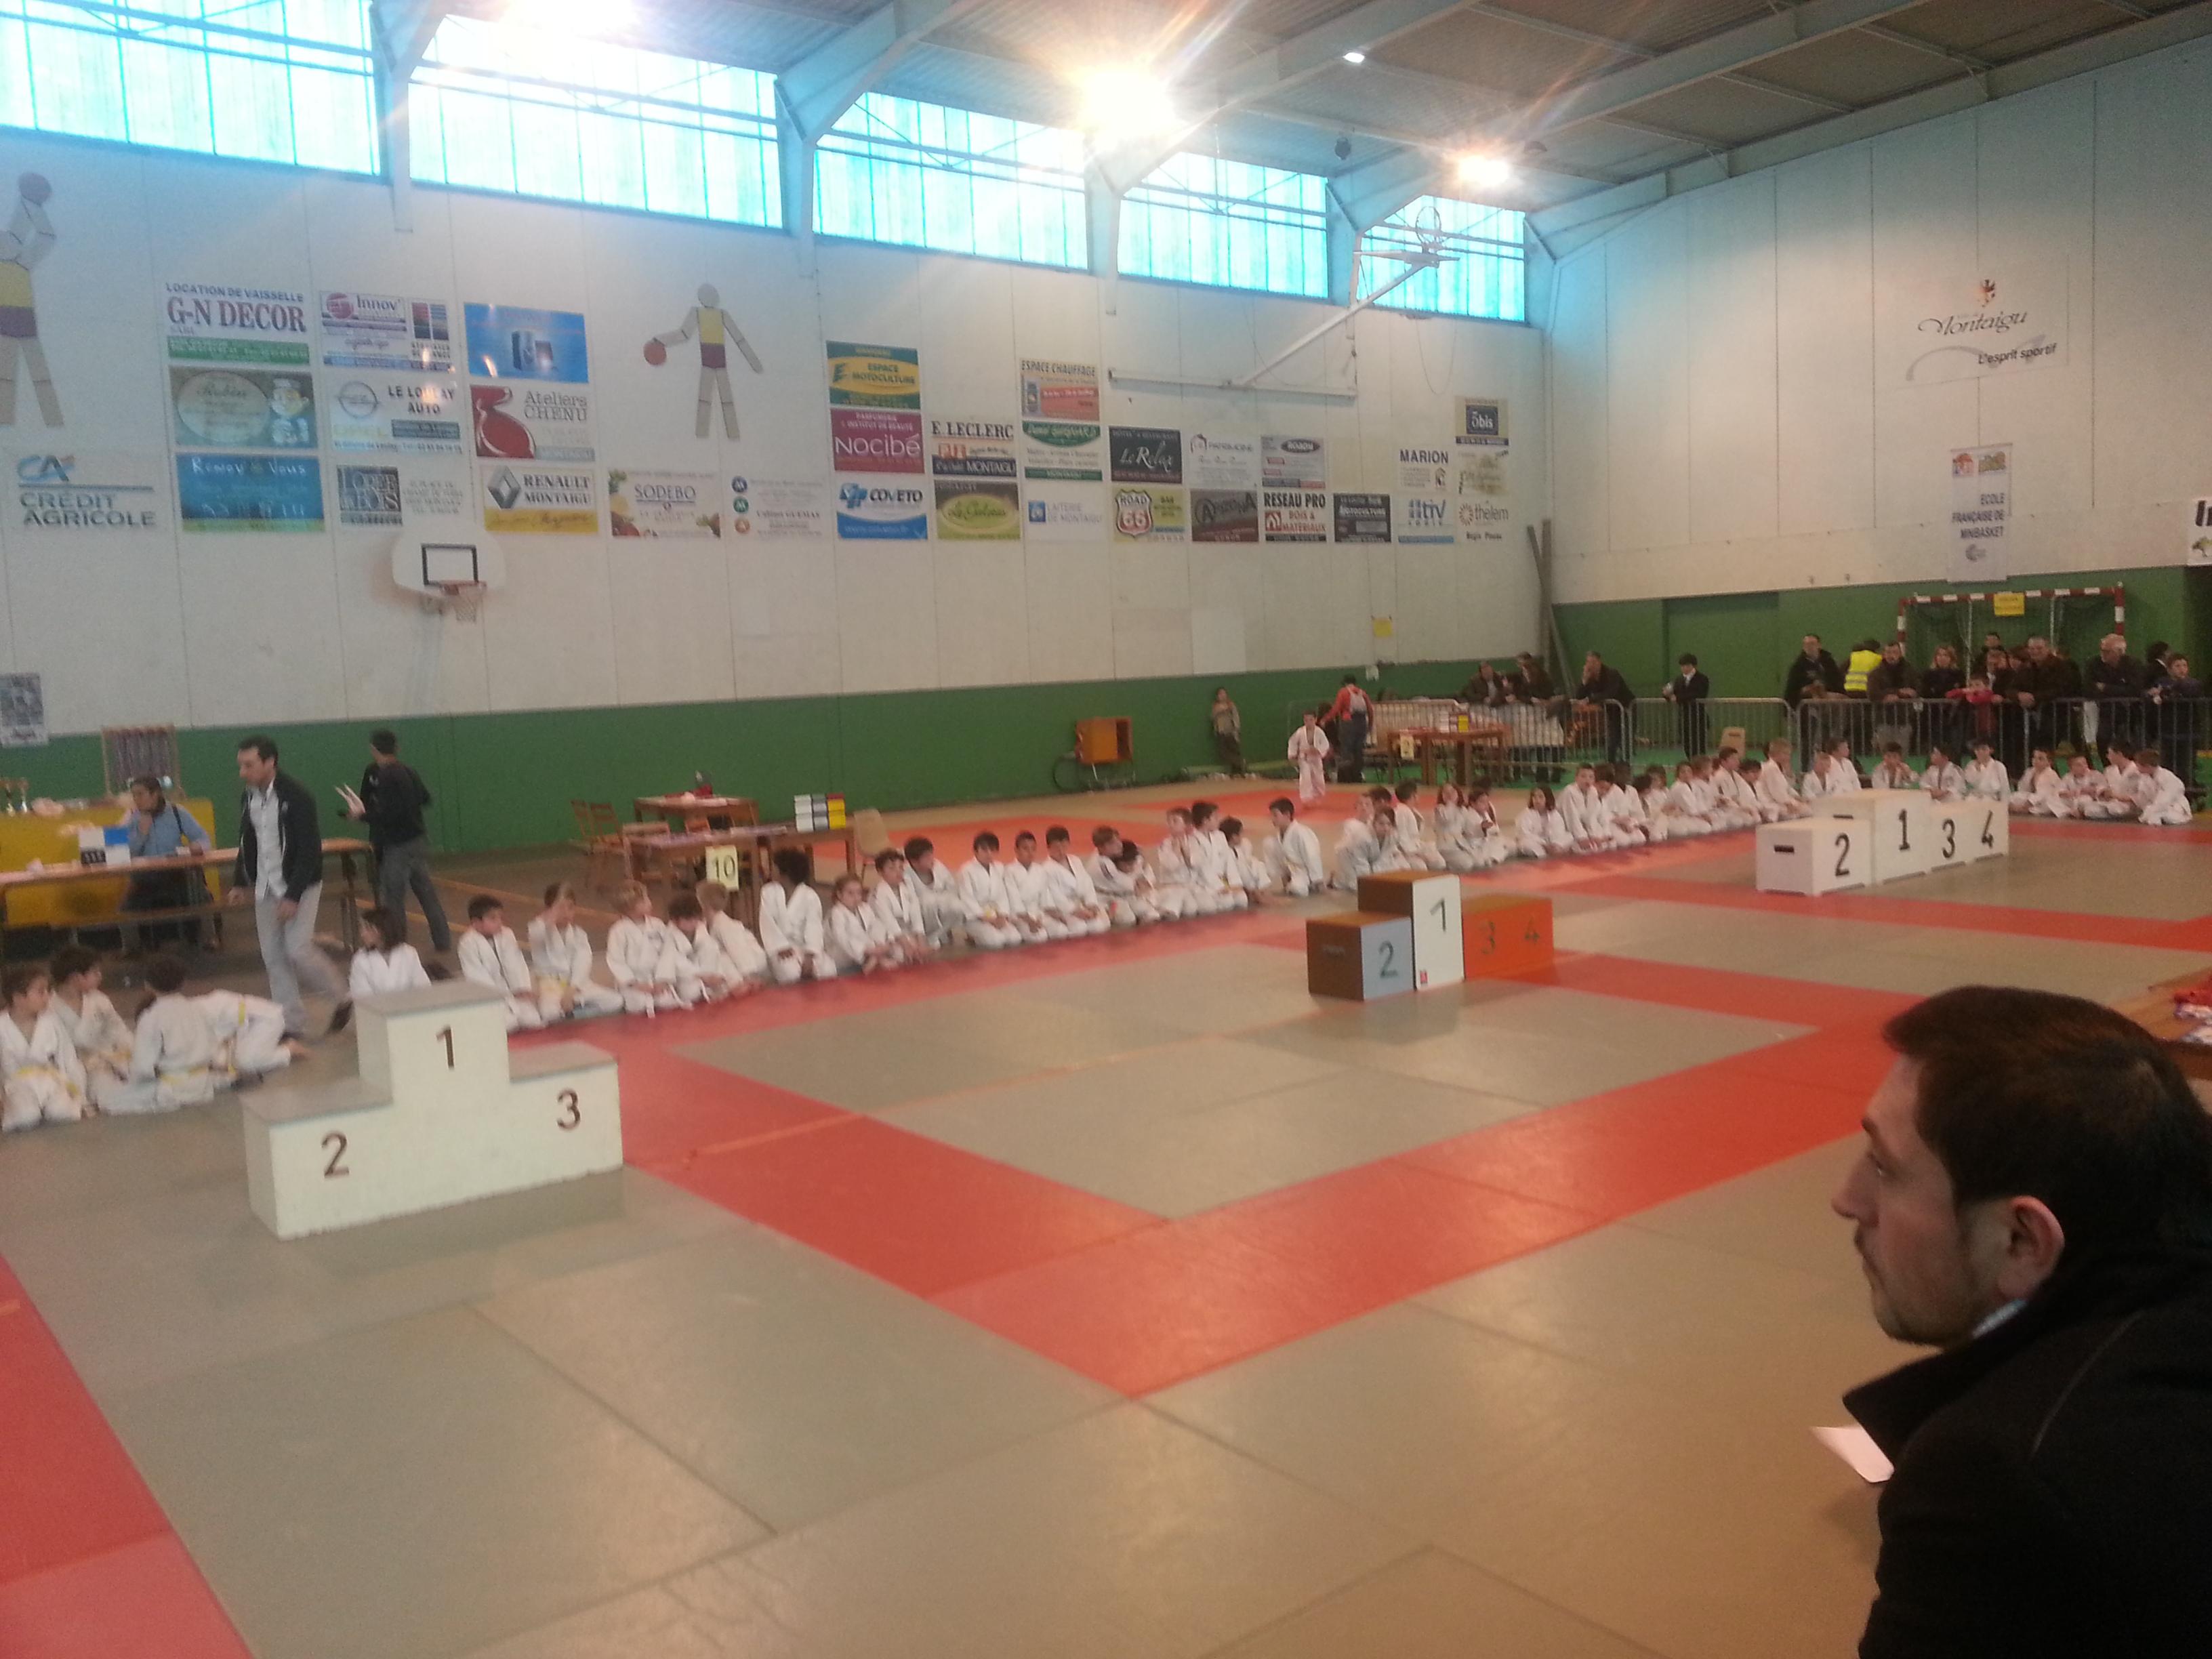 Judo-Club Tournois de Montaigu le 16 Mars 2013 - Remise des médailles année 2005